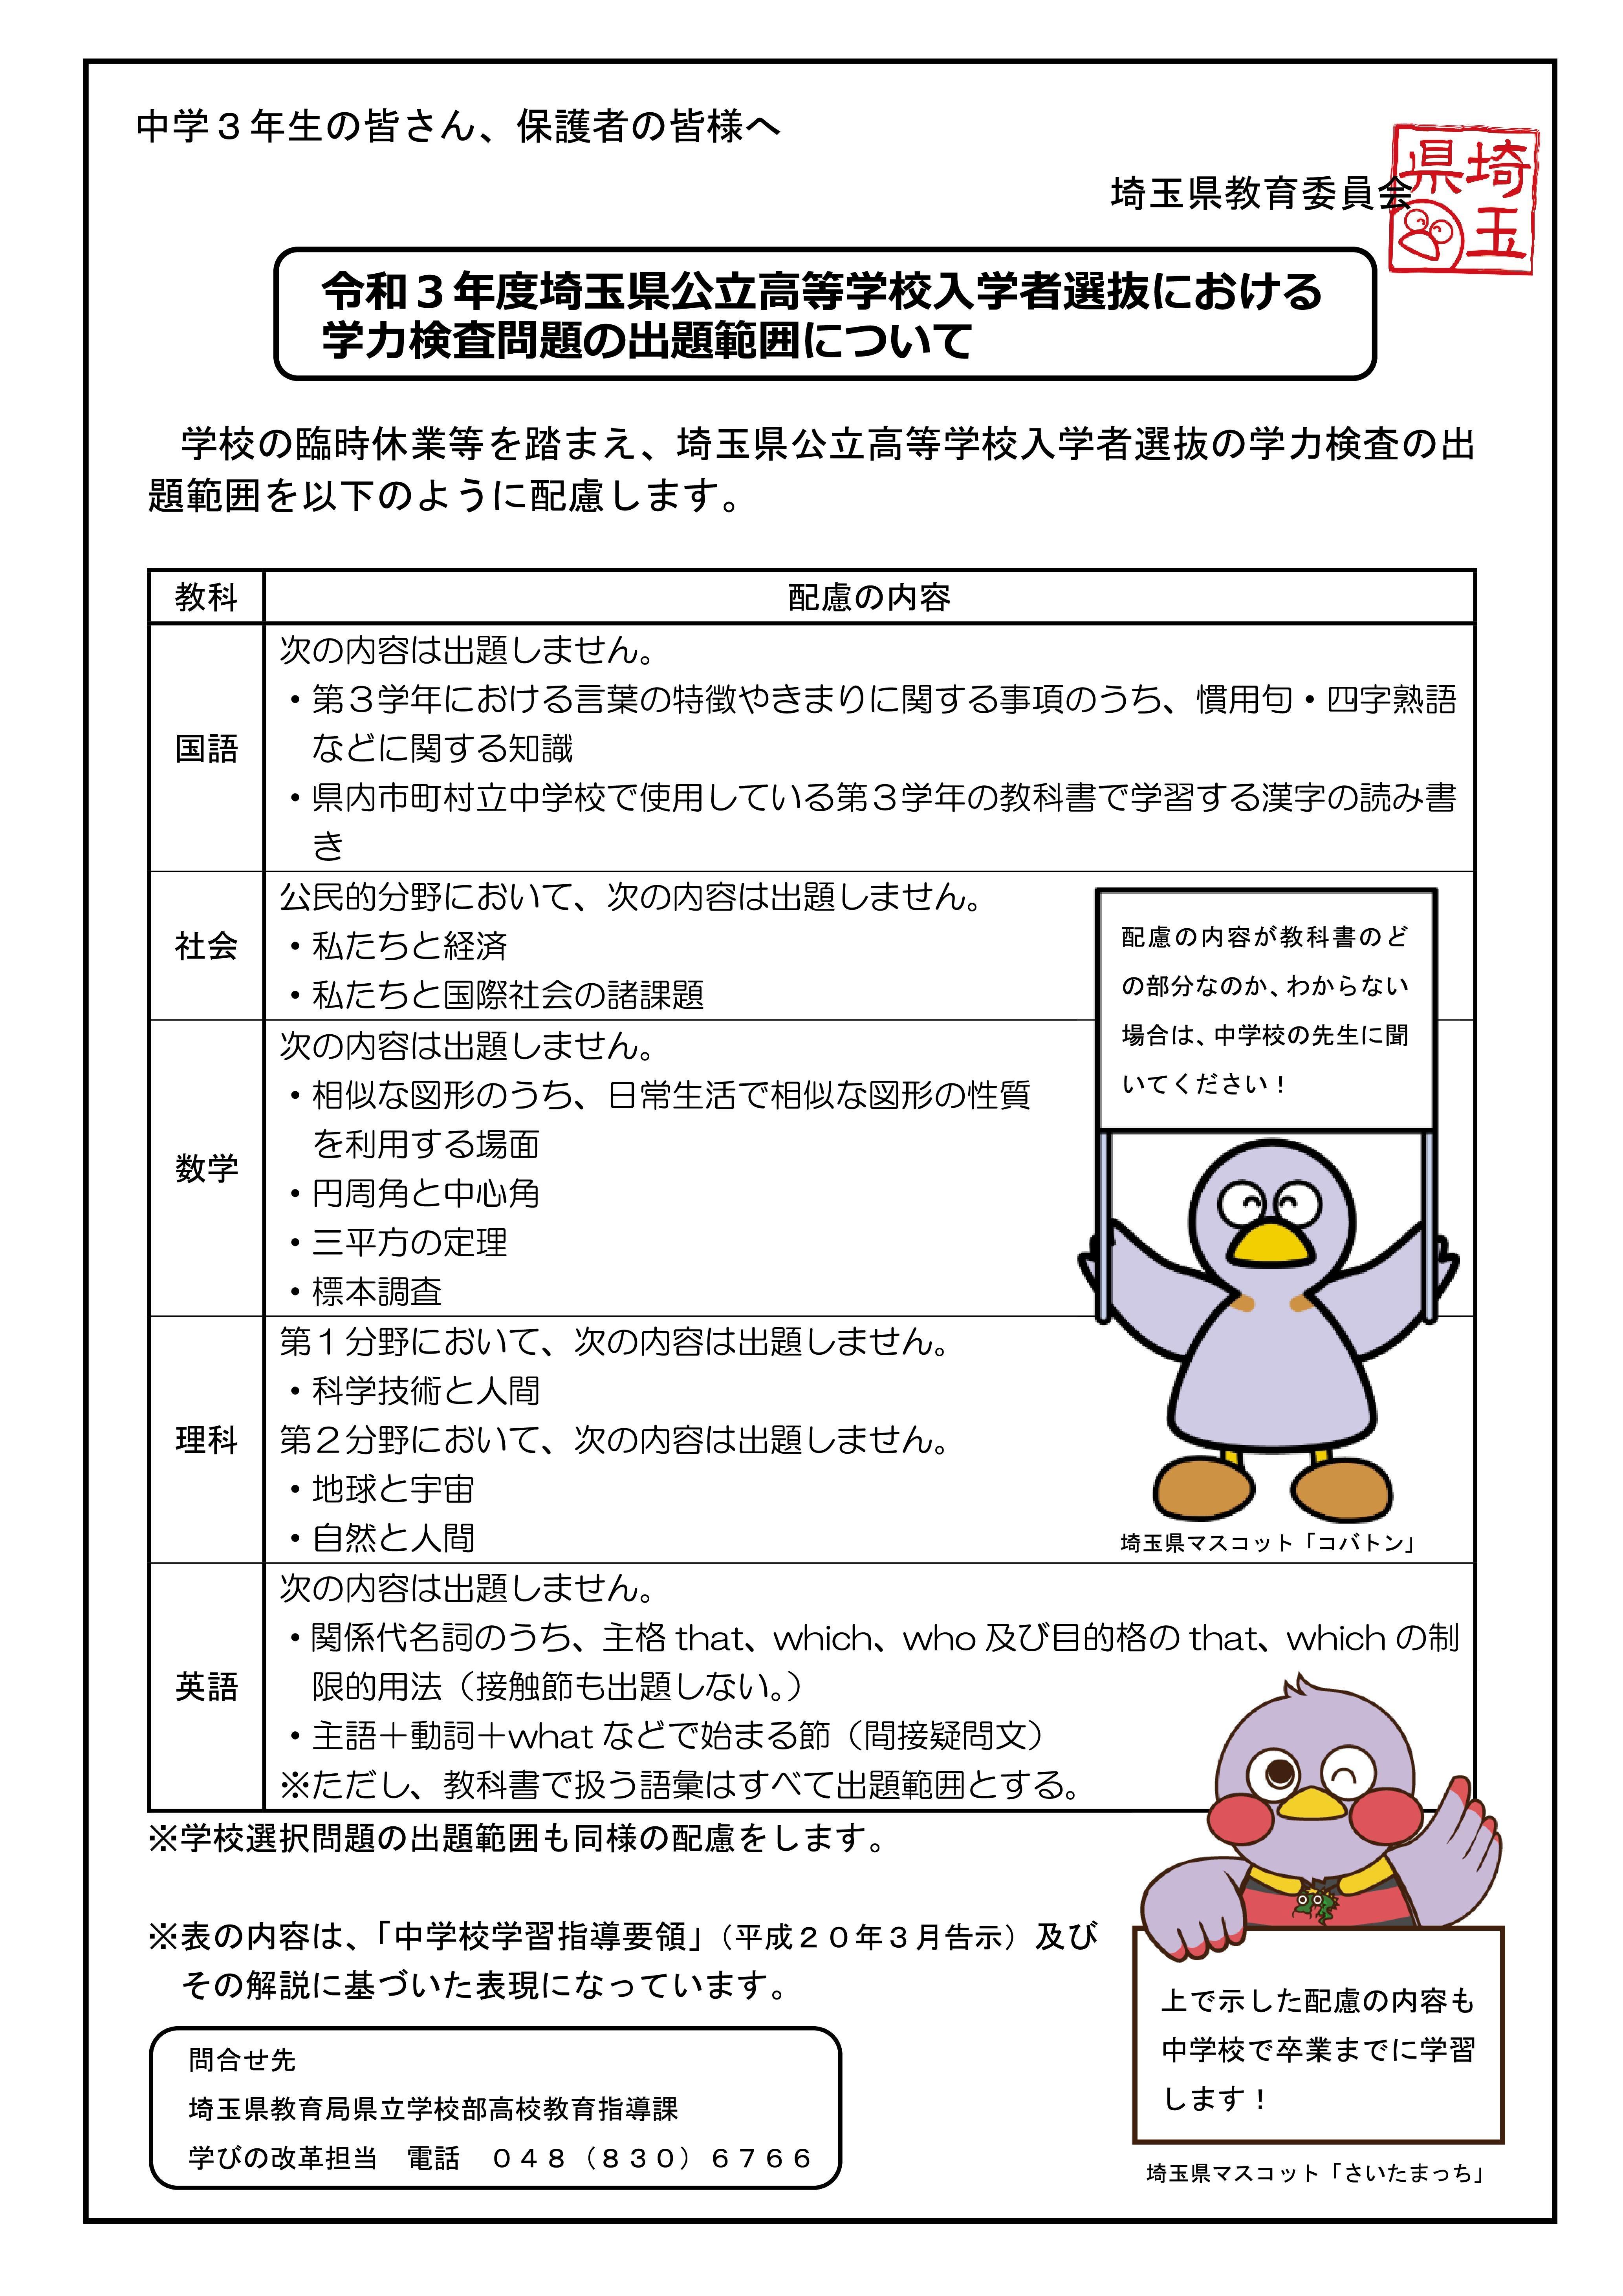 入試 高校 日程 県立 埼玉